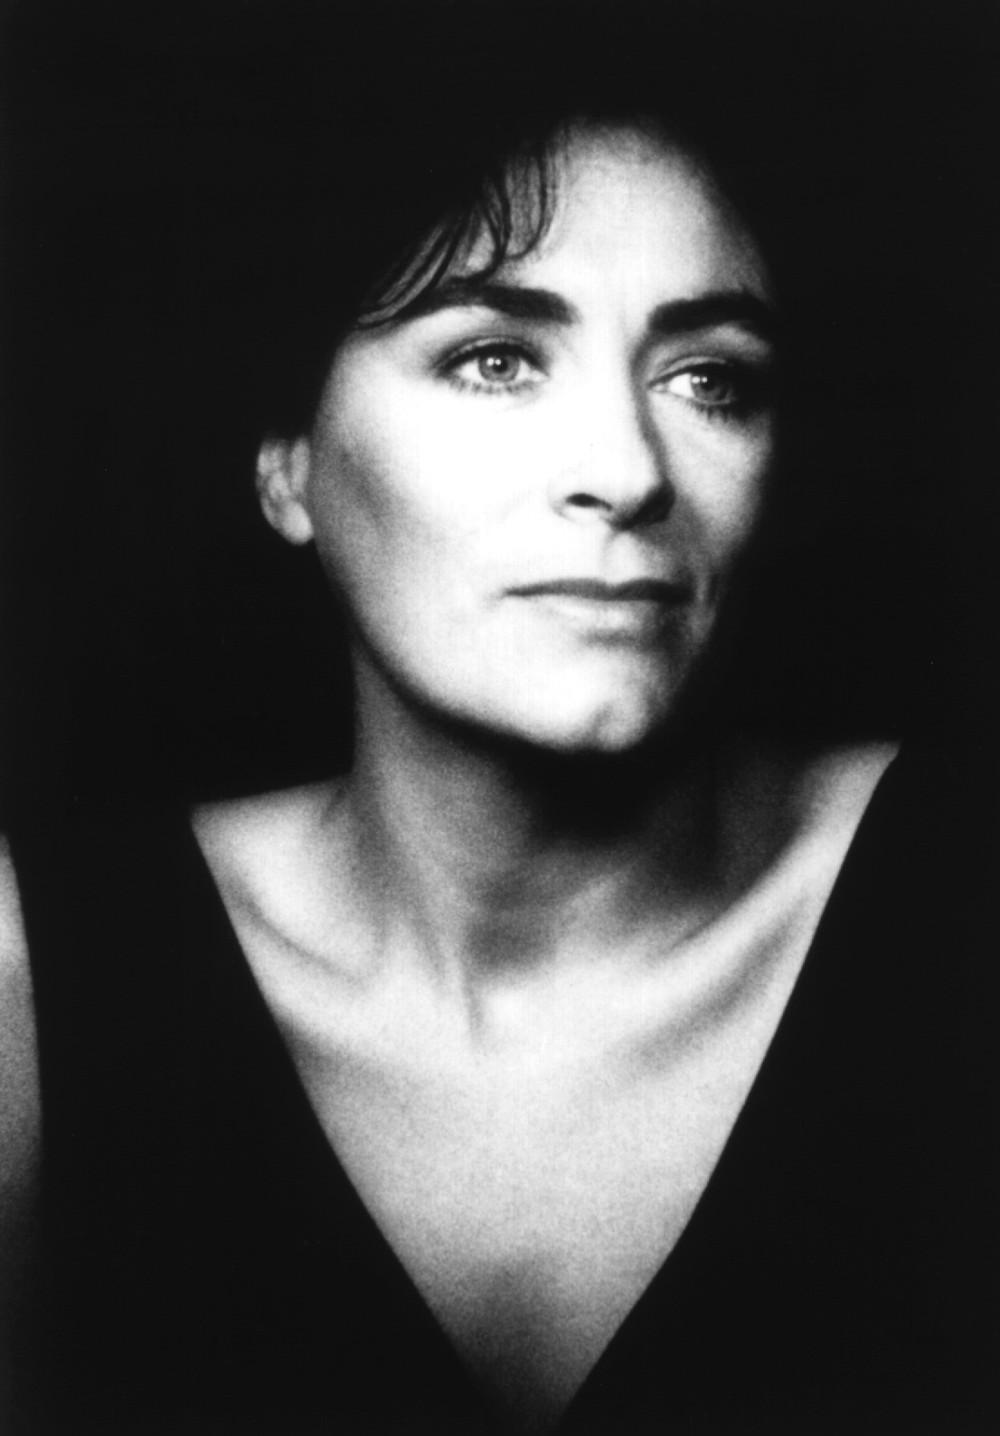 Mary Black